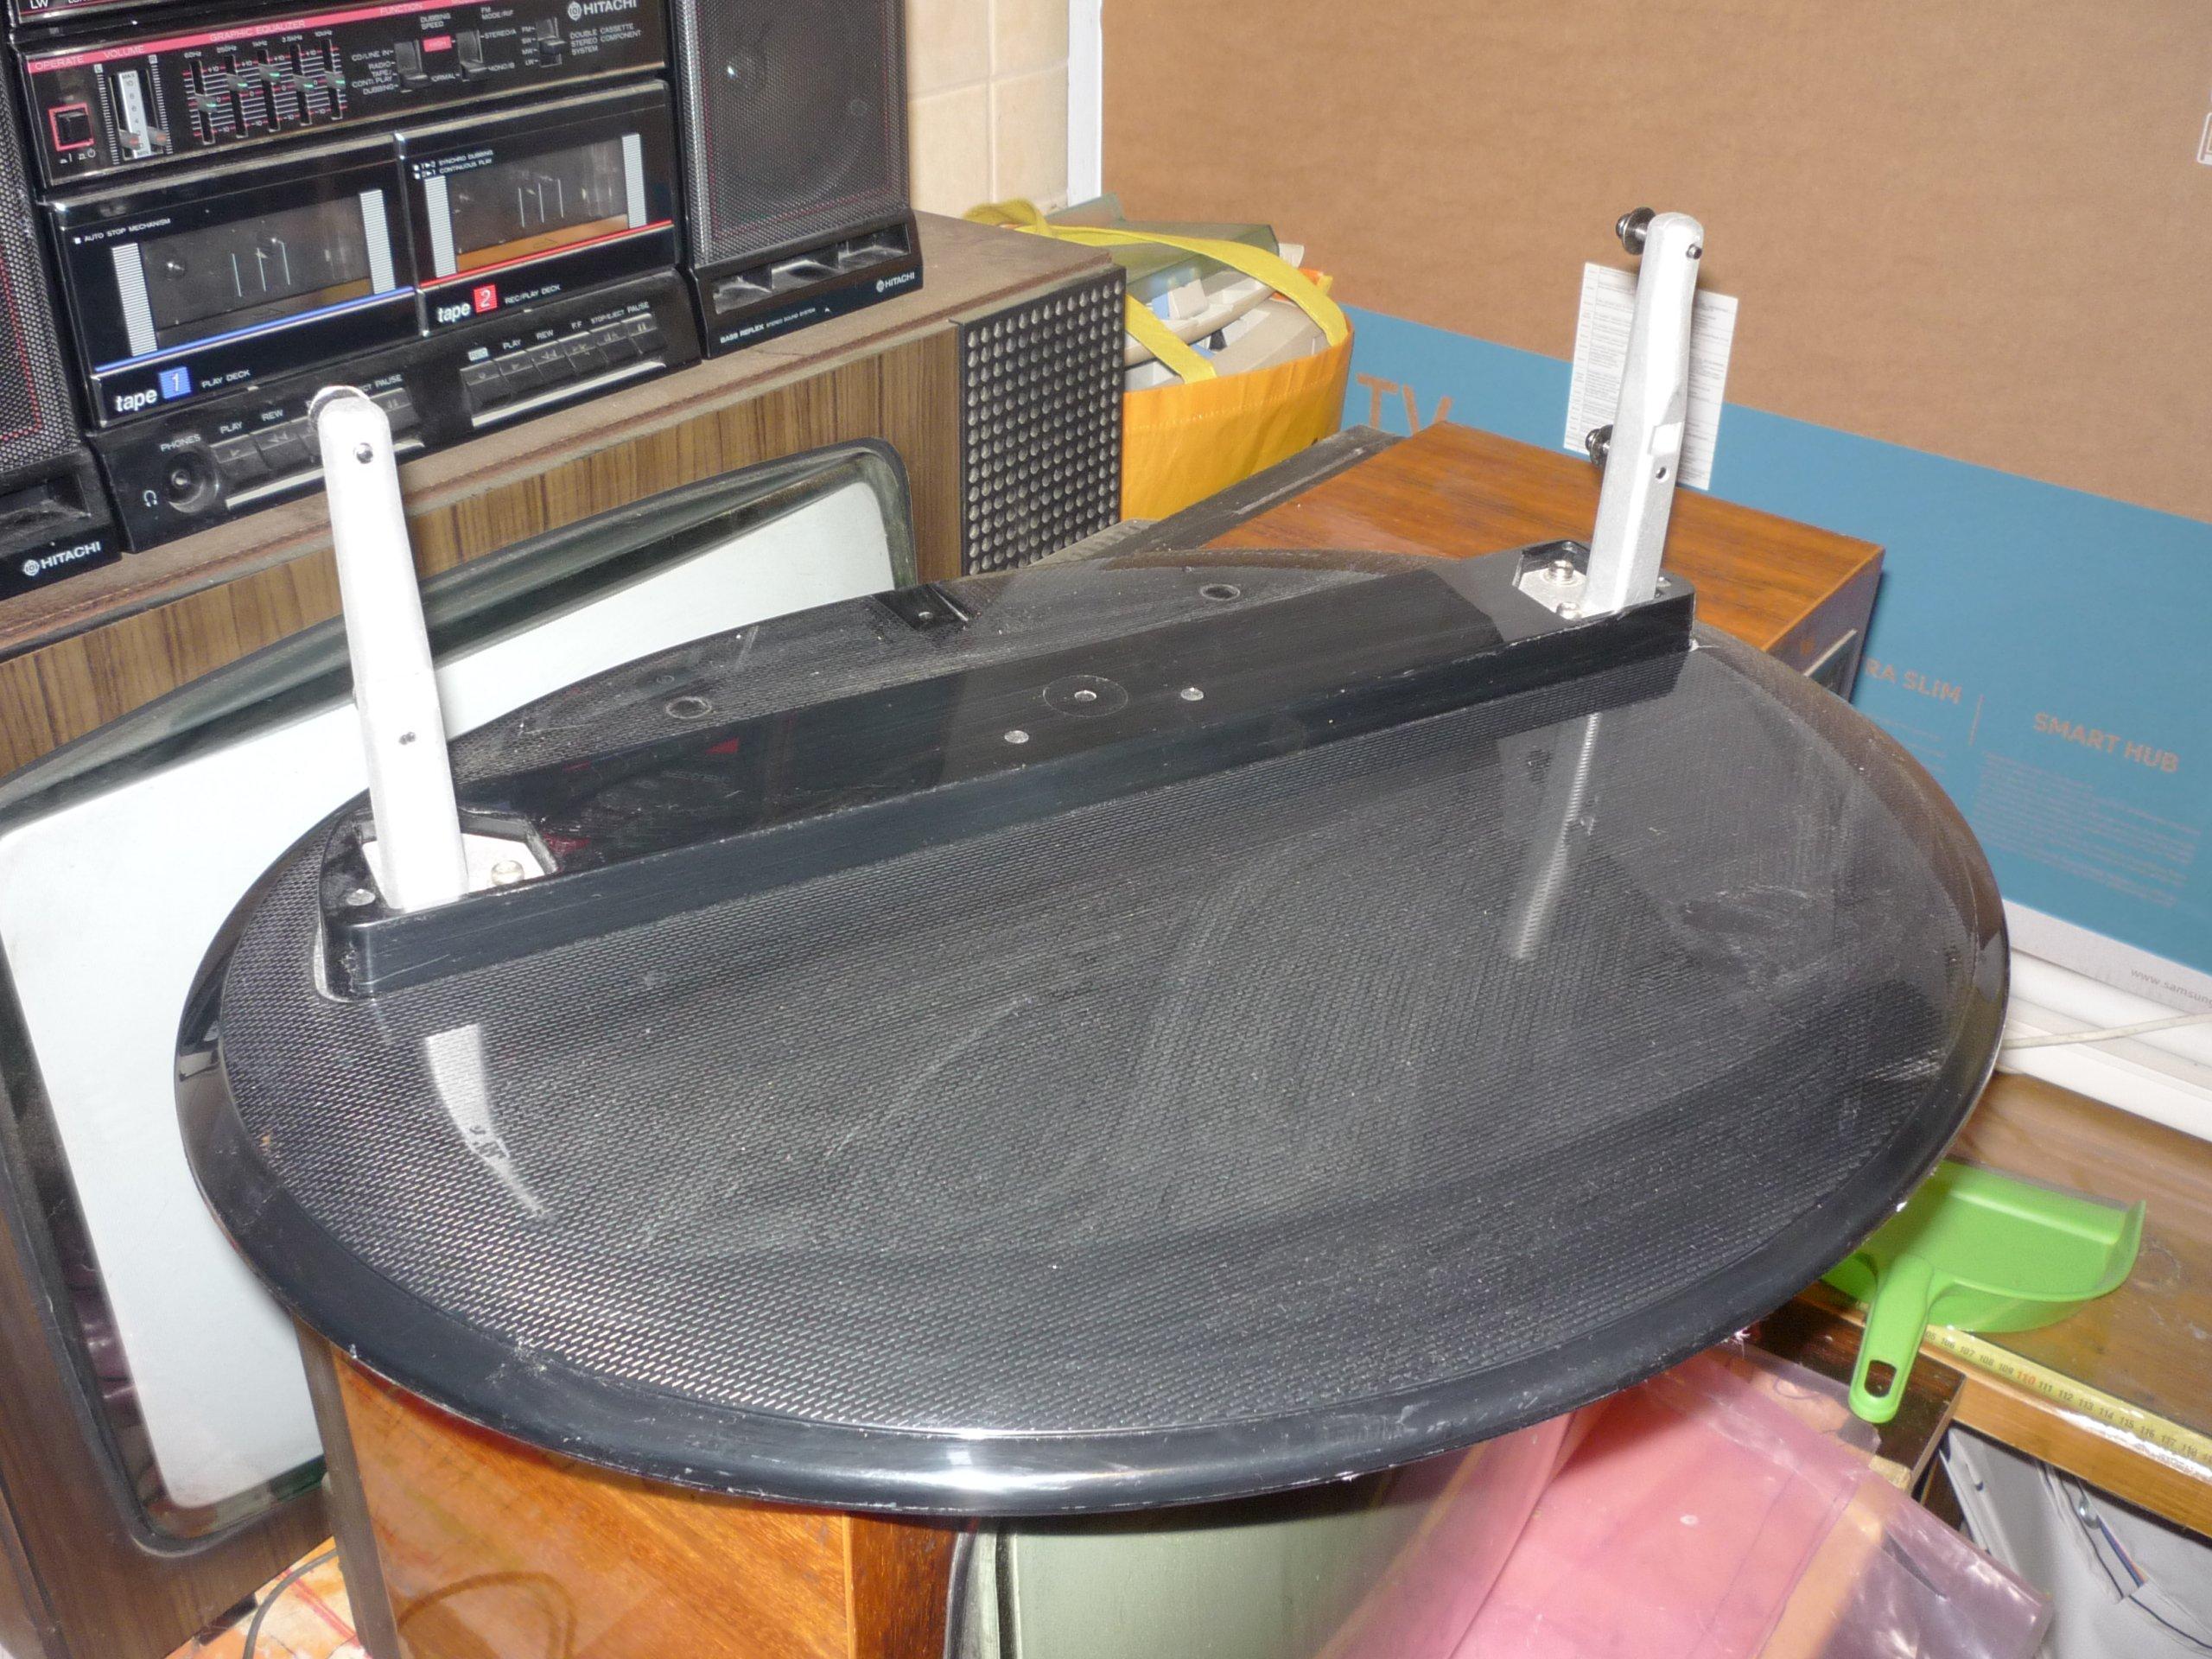 Góra Podstawka TBLX0139 TV Panasonic lista TV w opisie - 7275047663 VW41